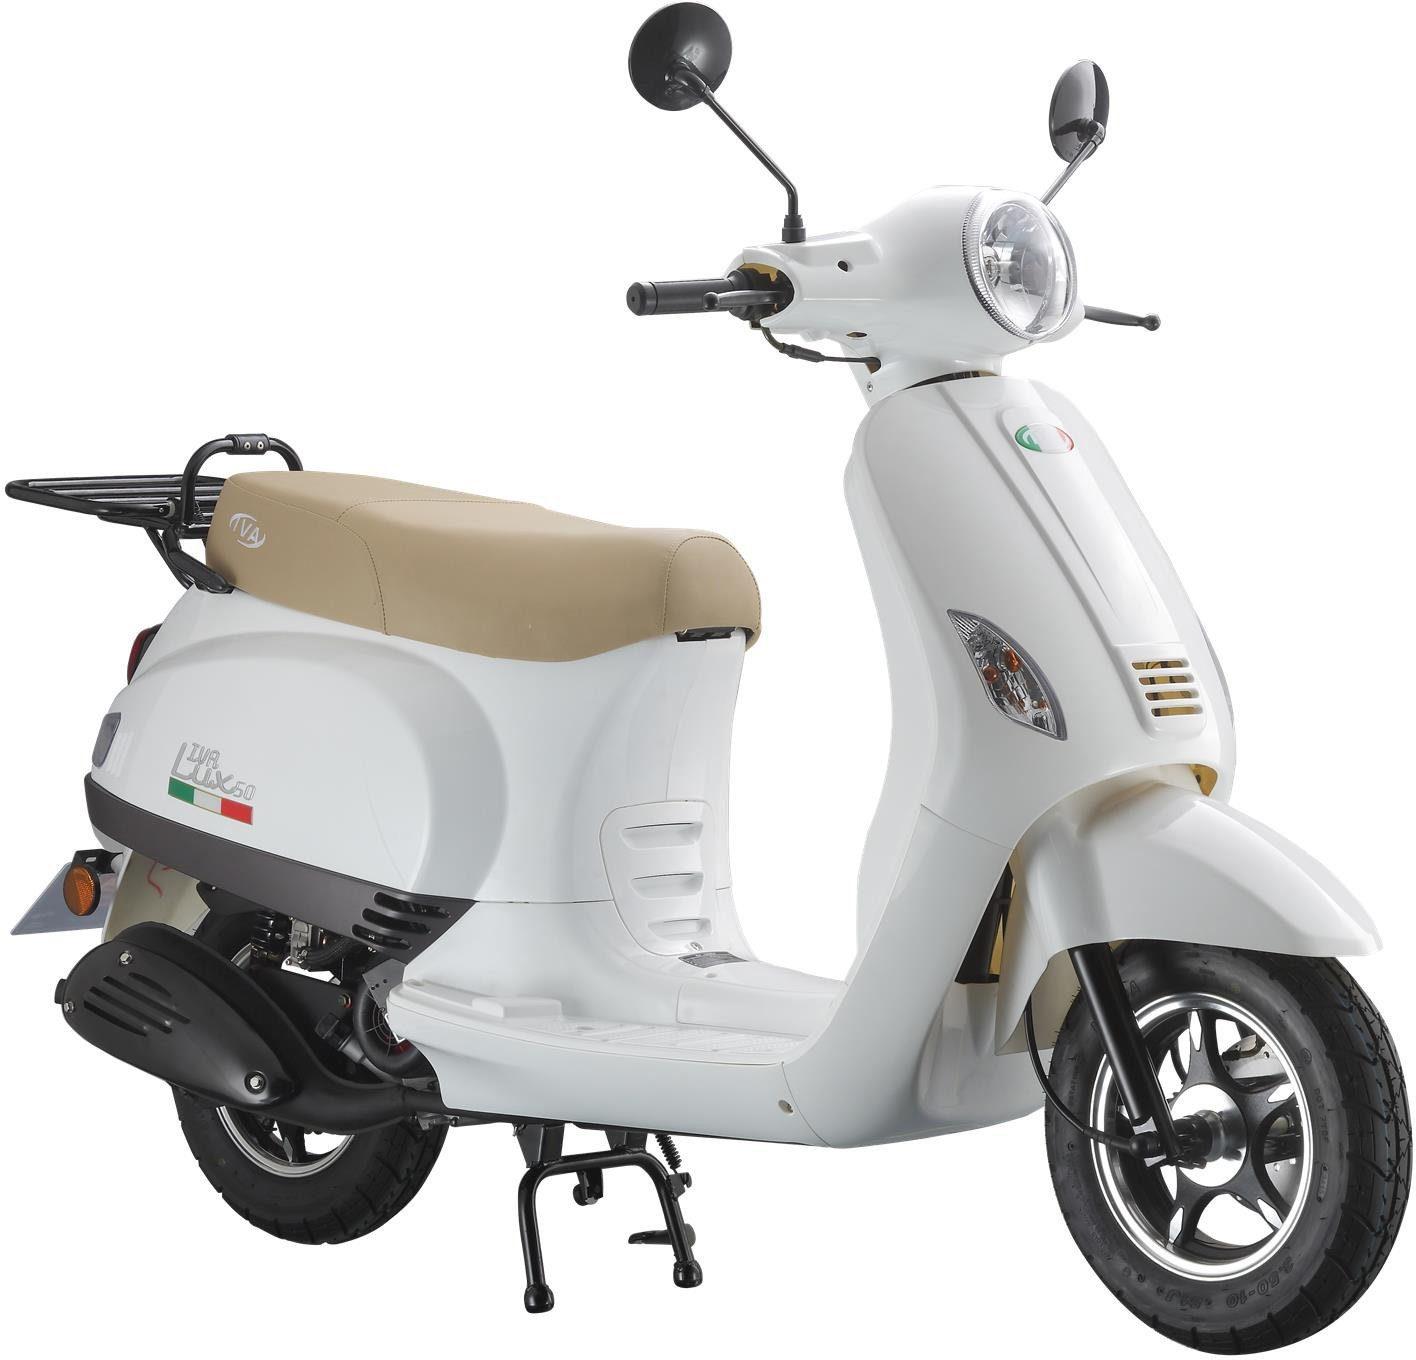 Mofaroller »LUX 50«, 50 ccm 25 km/h, für 1 Person, weiß/braun